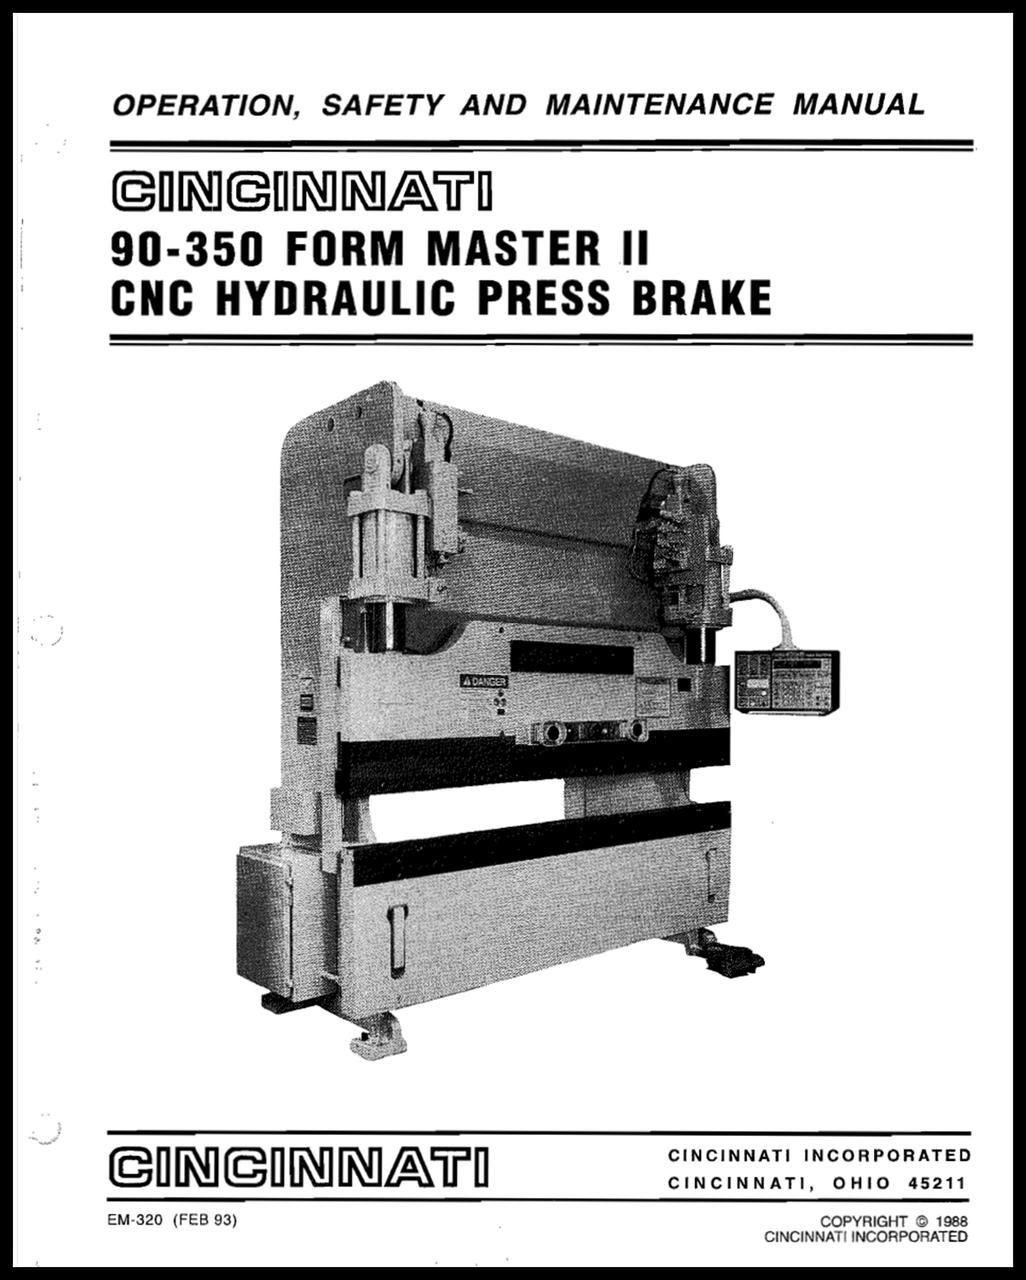 EM-320 (R-02-93) 90-350 FMII Hydraulic Press